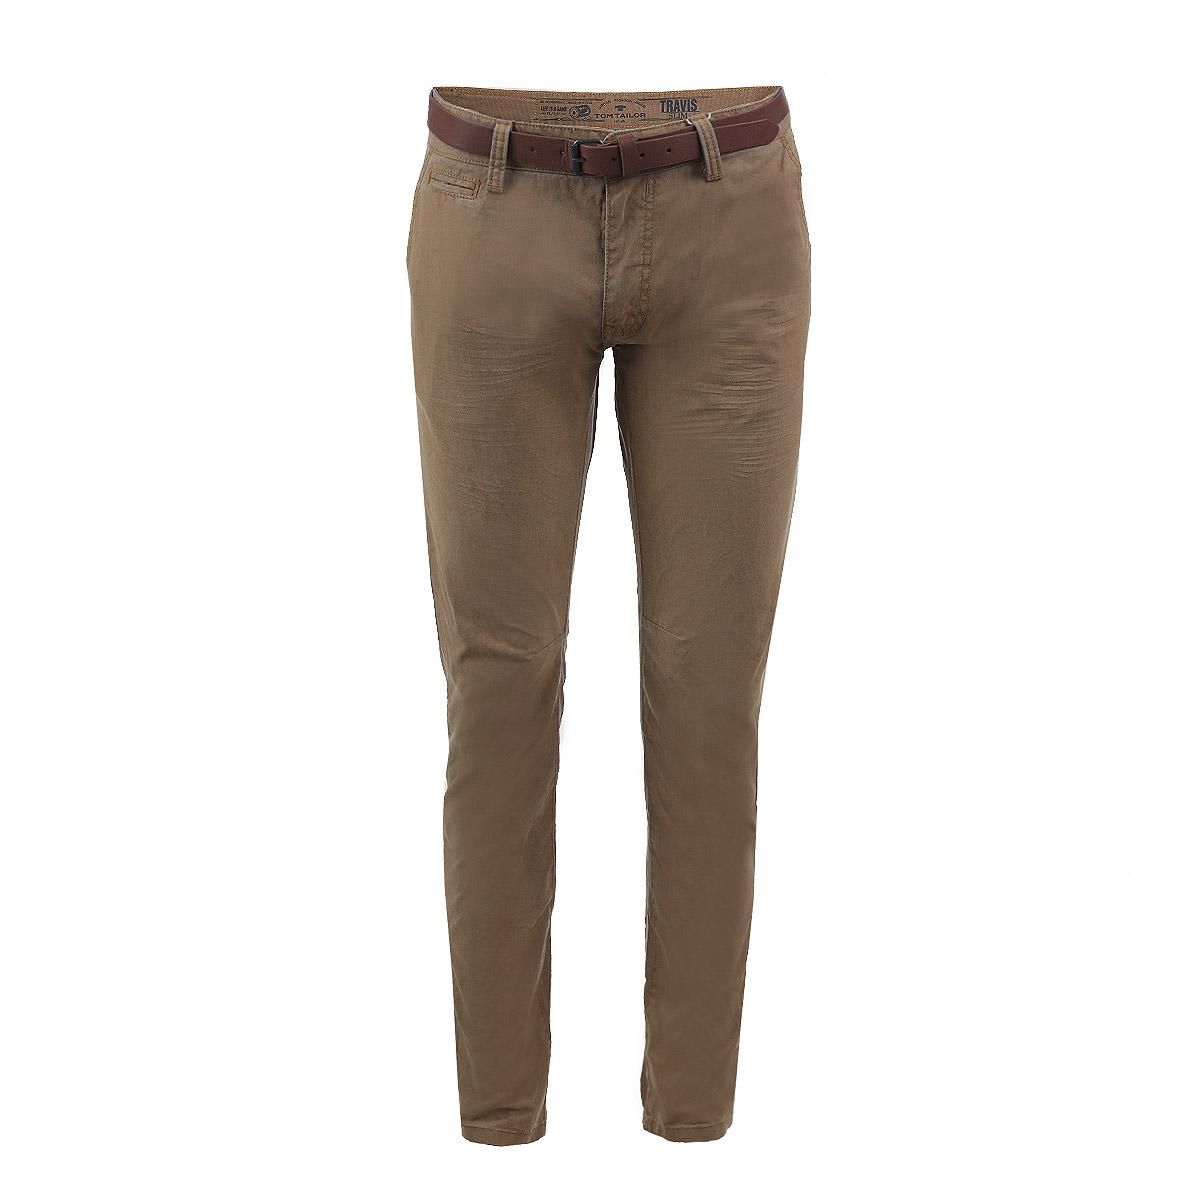 Брюки6403407.00.10Стильные мужские брюки Tom Tailor, выполненные из высококачественного материала, подходят большинству мужчин. Модель зауженного кроя и средней посадки станет отличным дополнением к вашему современному образу. Застегиваются брюки на пуговицу в поясе и ширинку на молнии, имеются шлевки для ремня и ремень из искусственной кожи в комплекте. Спереди модель оформлена двумя втачными карманами с косыми краями и небольшим секретным кармашком, а сзади - двумя втачными карманами с клапанами на пуговицах. Эти модные и в тоже время комфортные брюки послужат отличным дополнением к вашему гардеробу. В них вы всегда будете чувствовать себя уютно и комфортно.